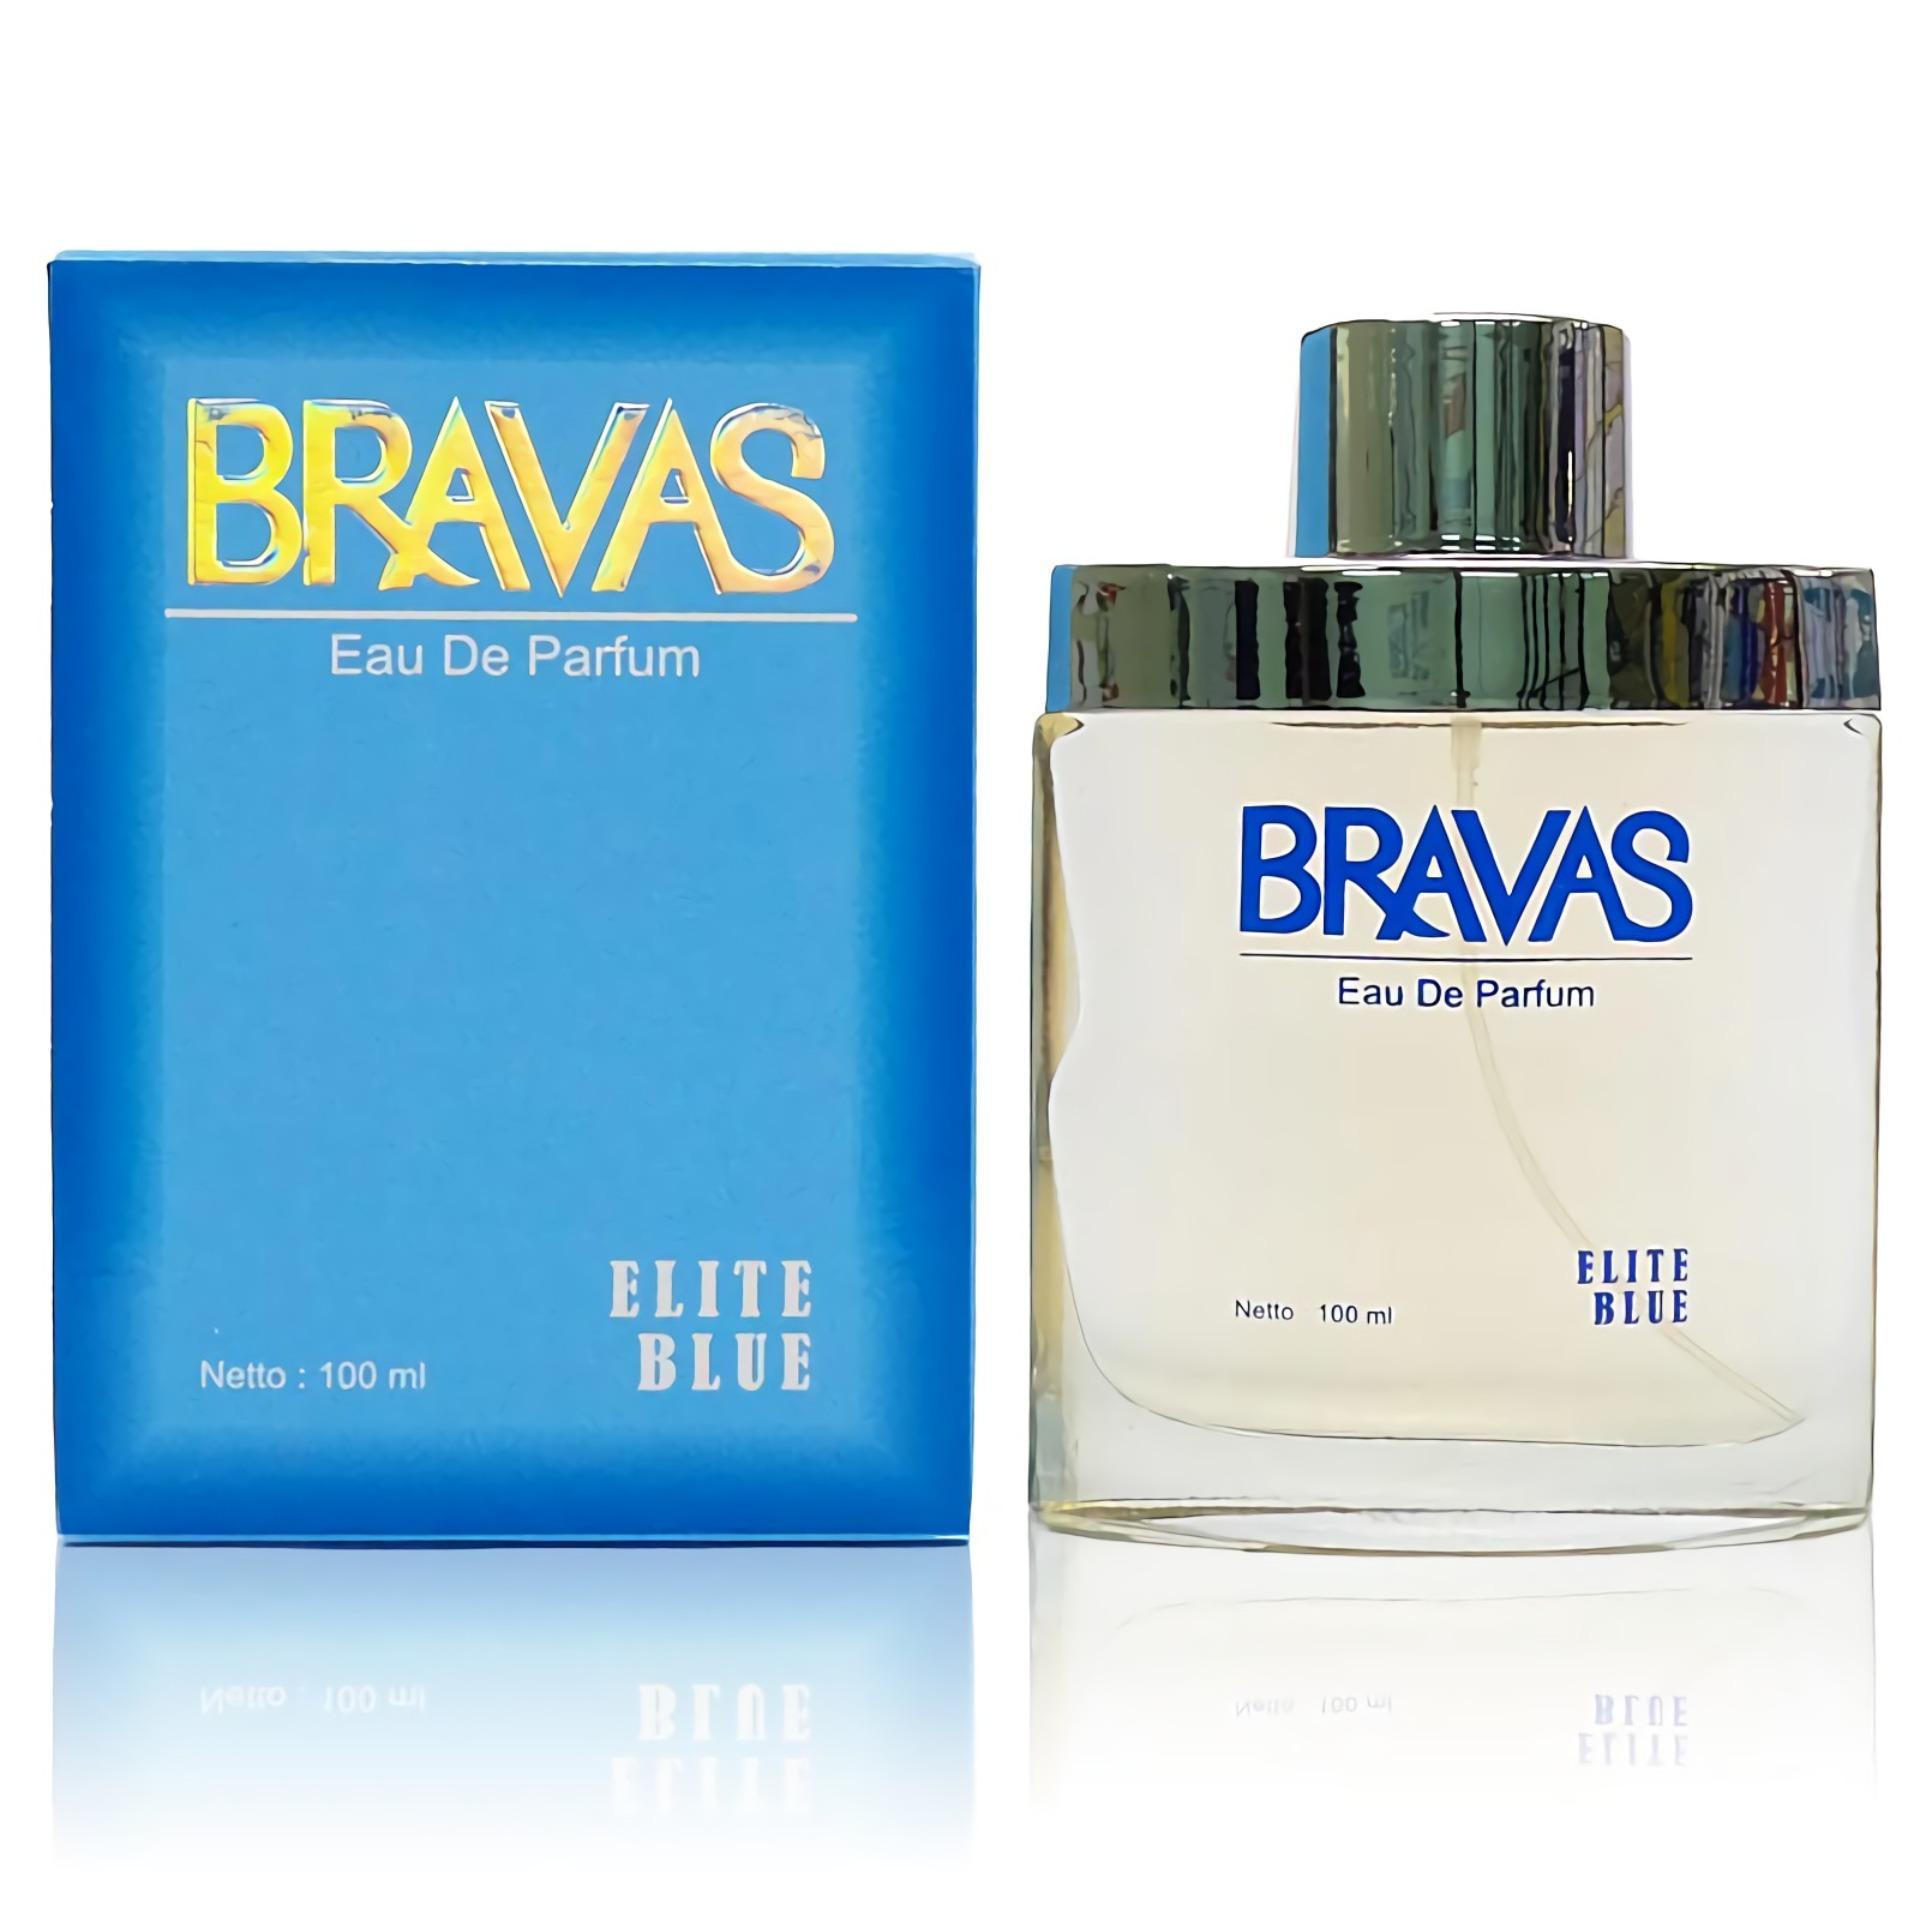 BRAVAS Original Elite Perfume XX-CT-671115 Eau De Parfum 100 ML - Biru